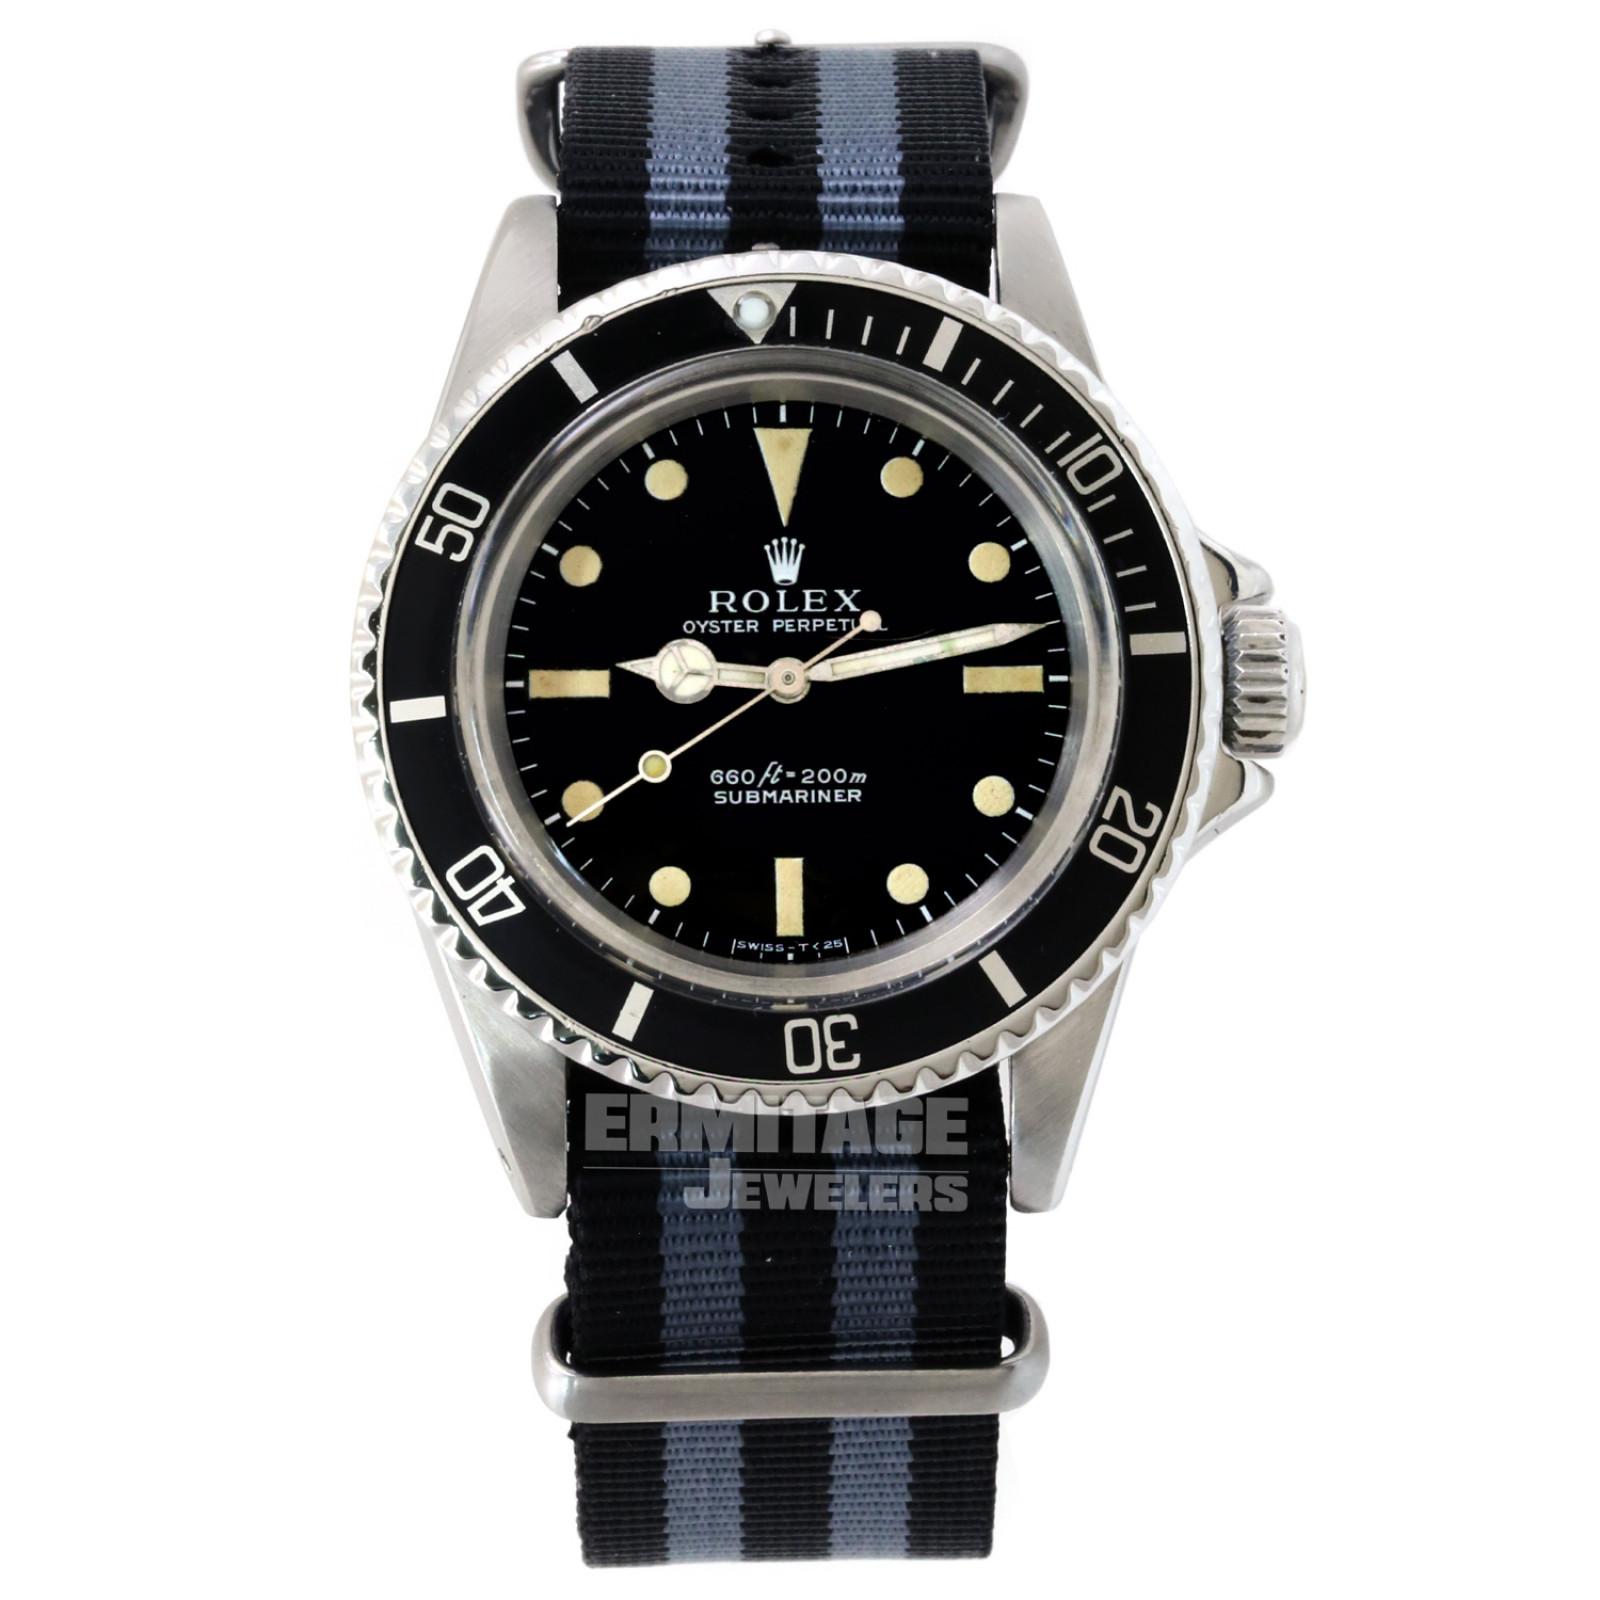 Vintage Rolex 5513 40 mm Steel on Strap, Black Bezel